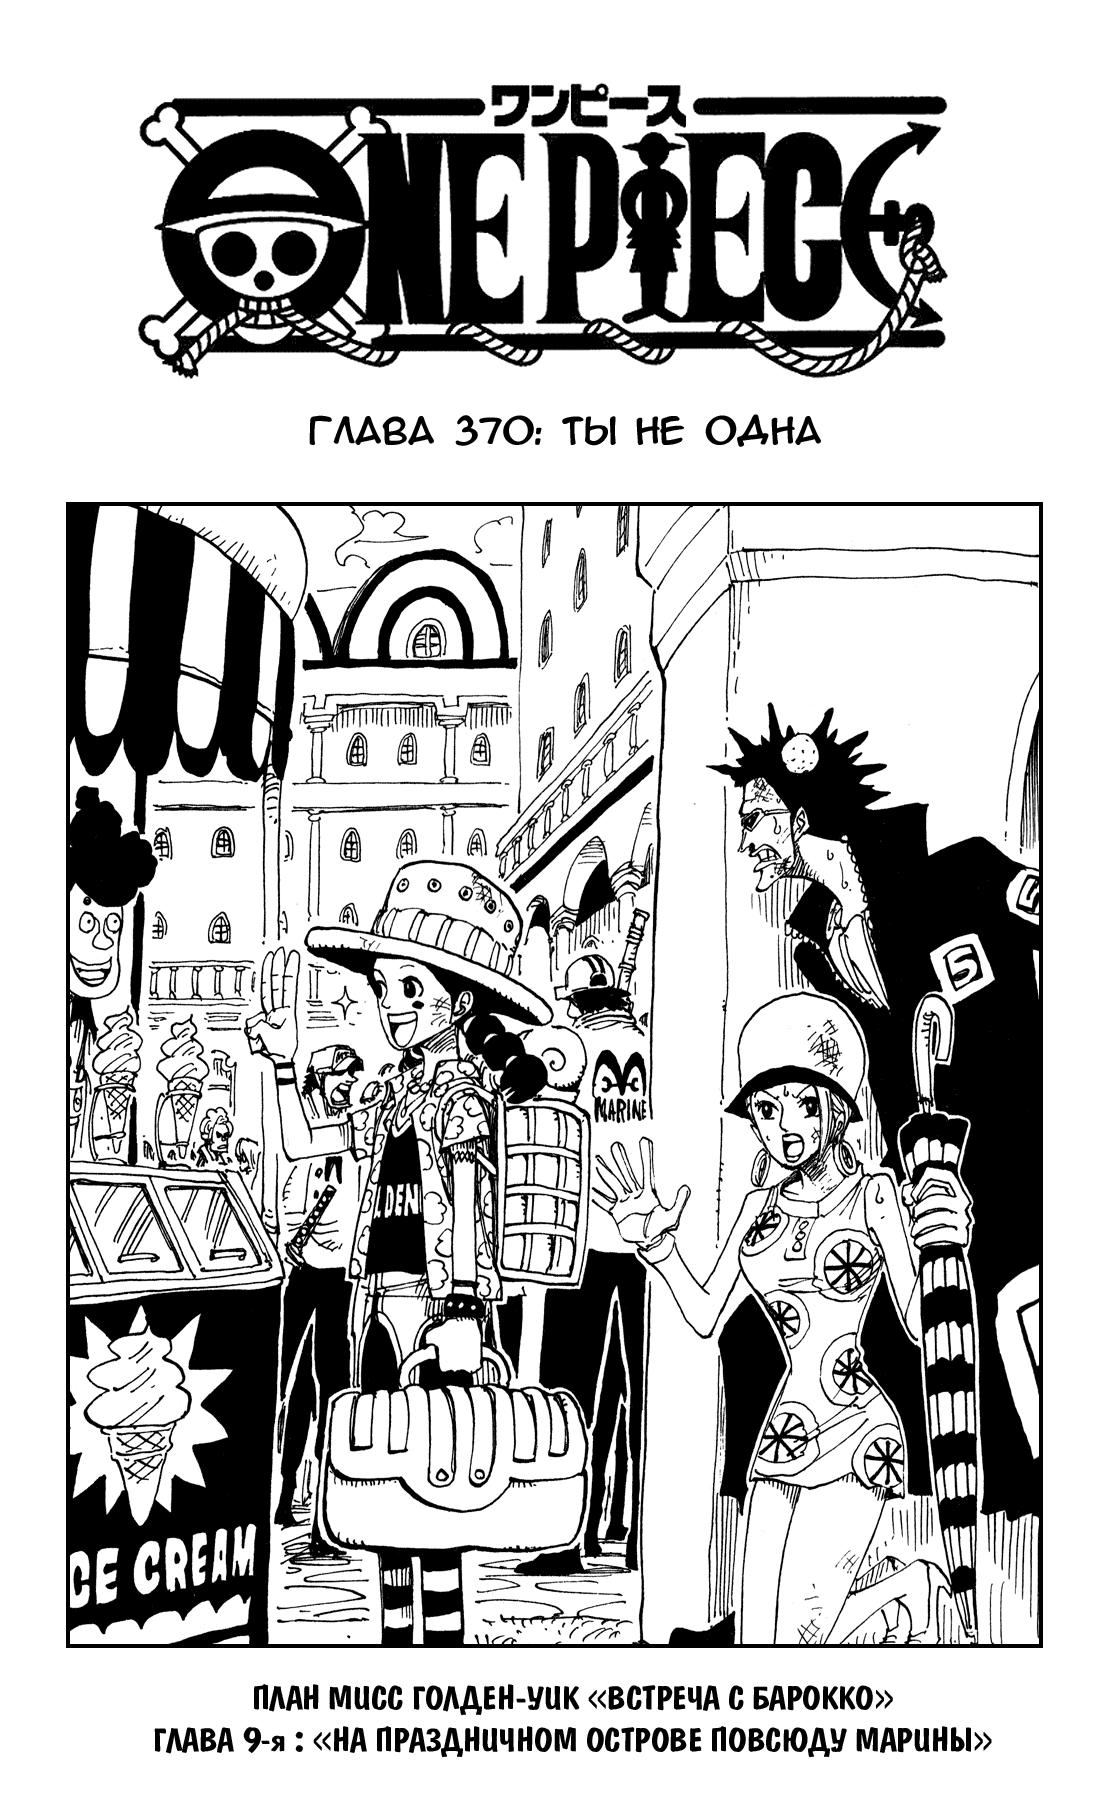 Манга One Piece / Ван Пис Манга One Piece Глава # 370 - Ты не одна, страница 1